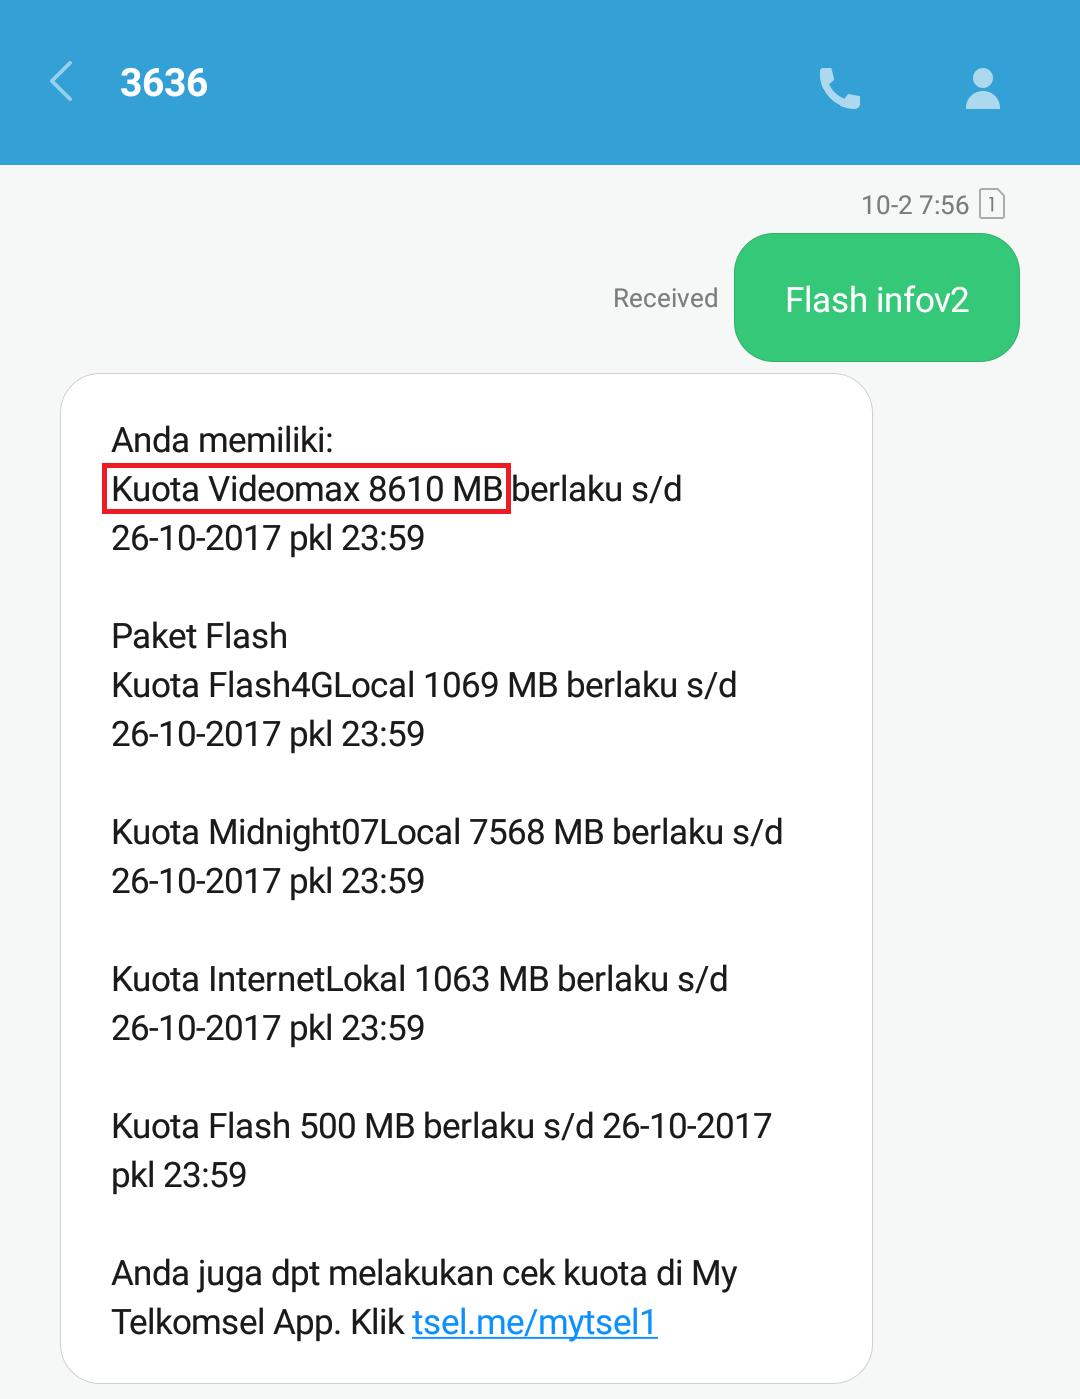 cara mengubah kuota video max telkomsel menjadi kuota